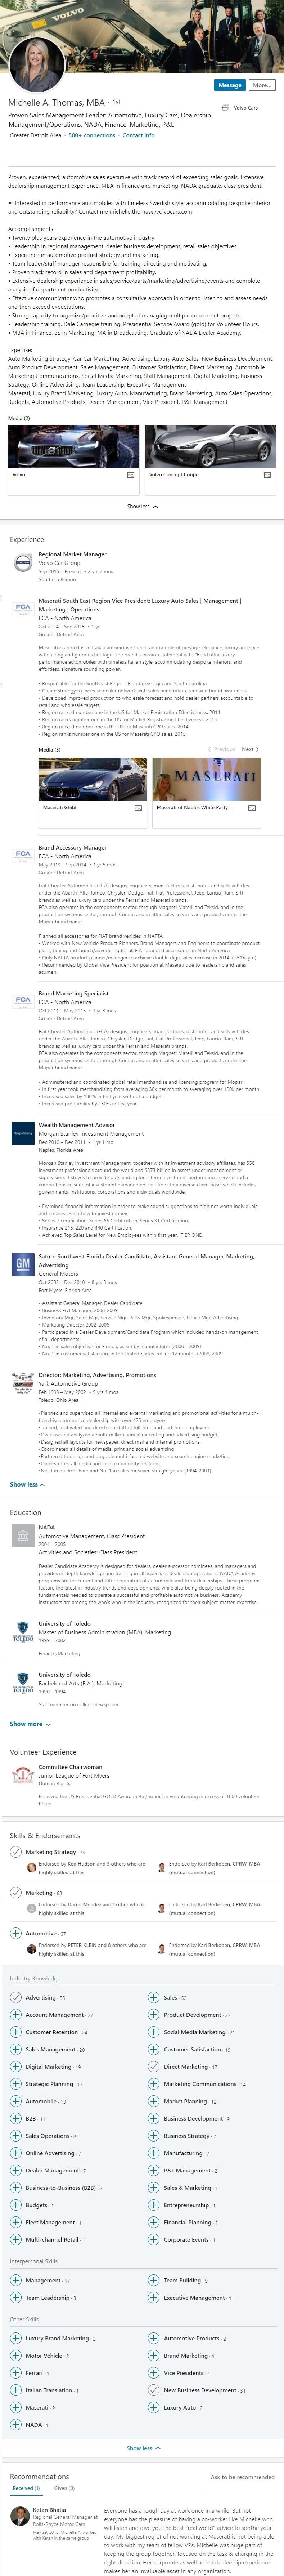 Linkedin Profile example automotive car sales 1198